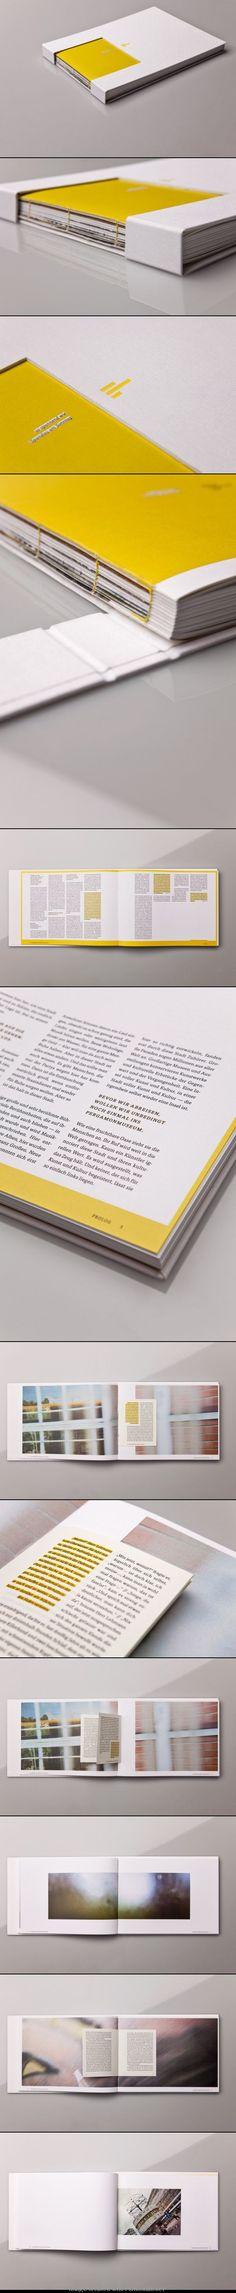 Sven Gelhaus http://www.svengelhaus.de --concealing colour on the cover? #BooksBinding